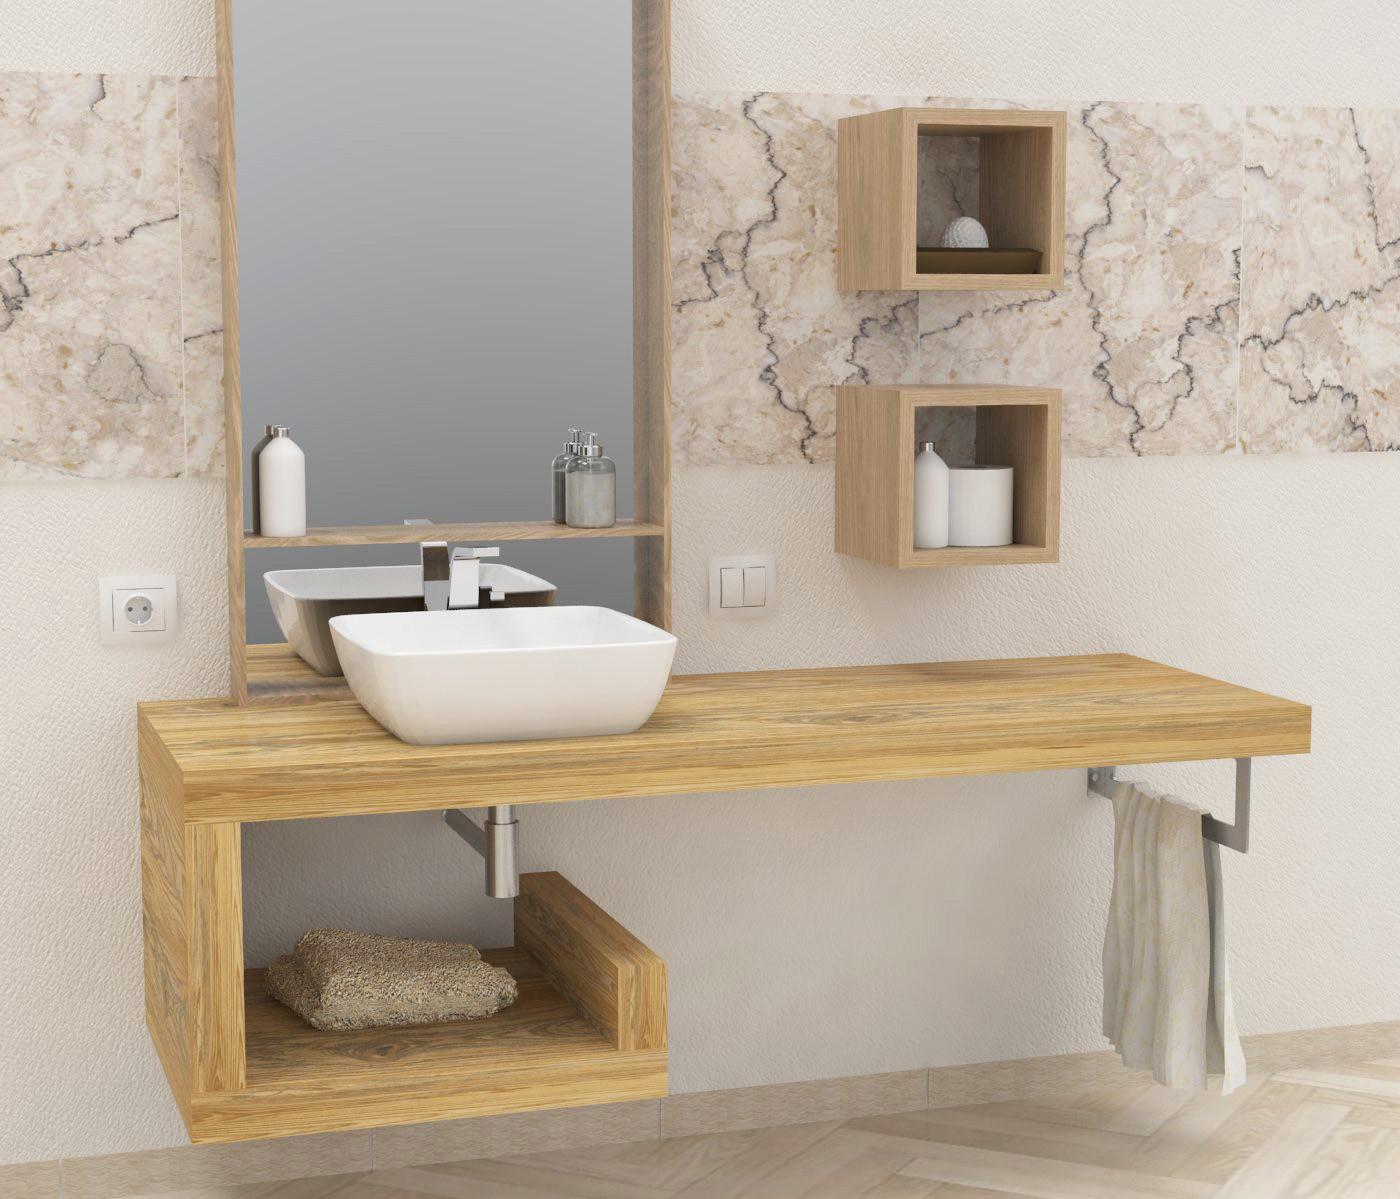 Mensola per lavabo in legno massello - Vecaetagere